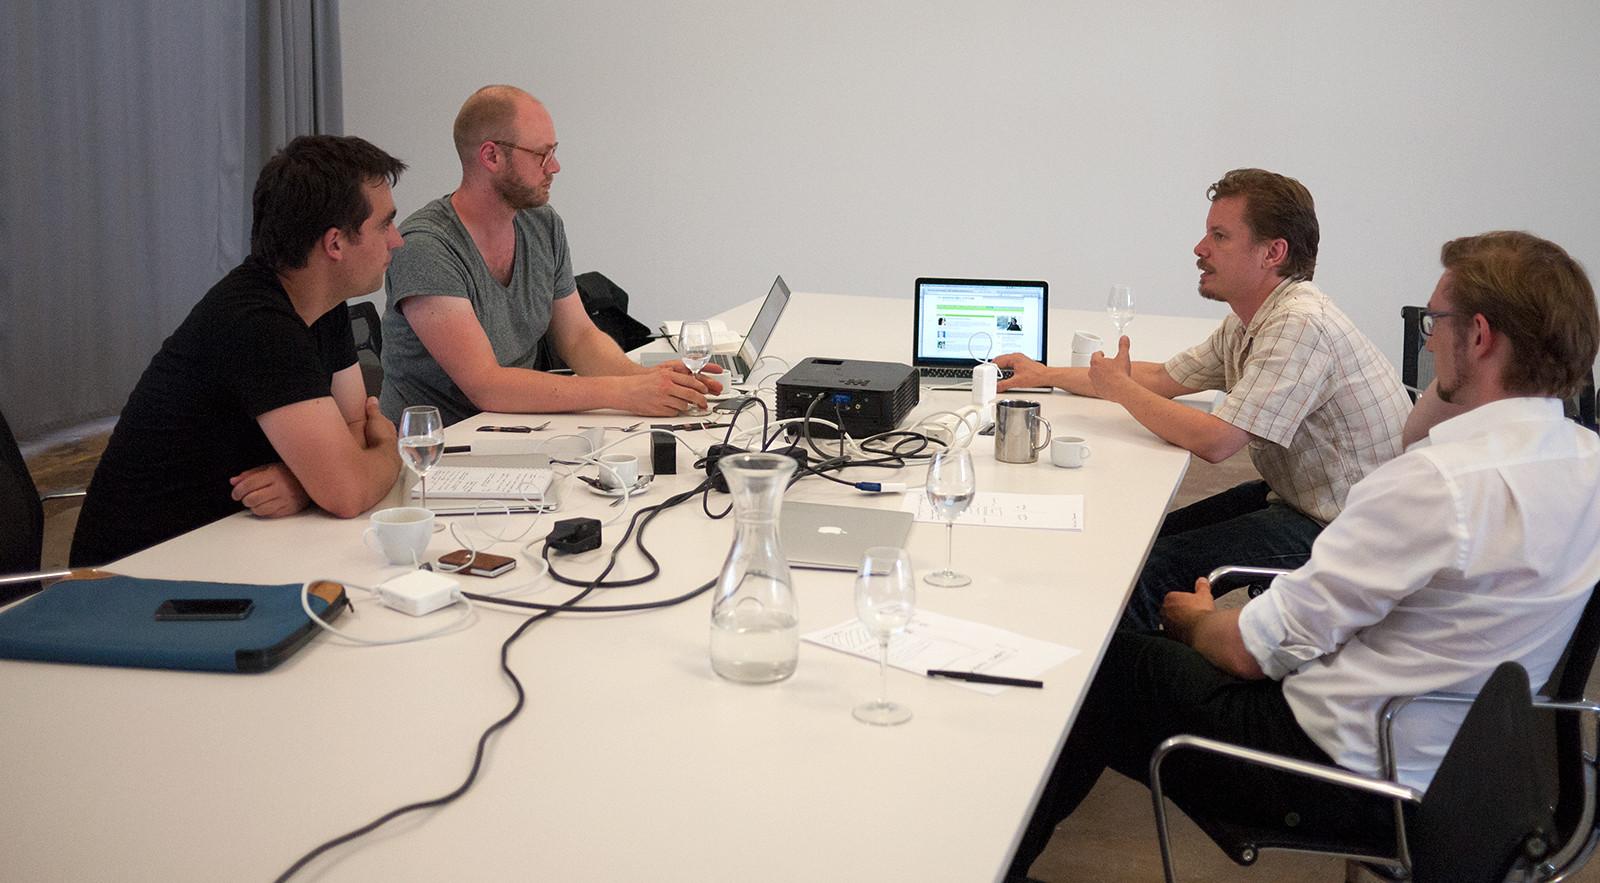 At iA offices in Zürich, Switzerland